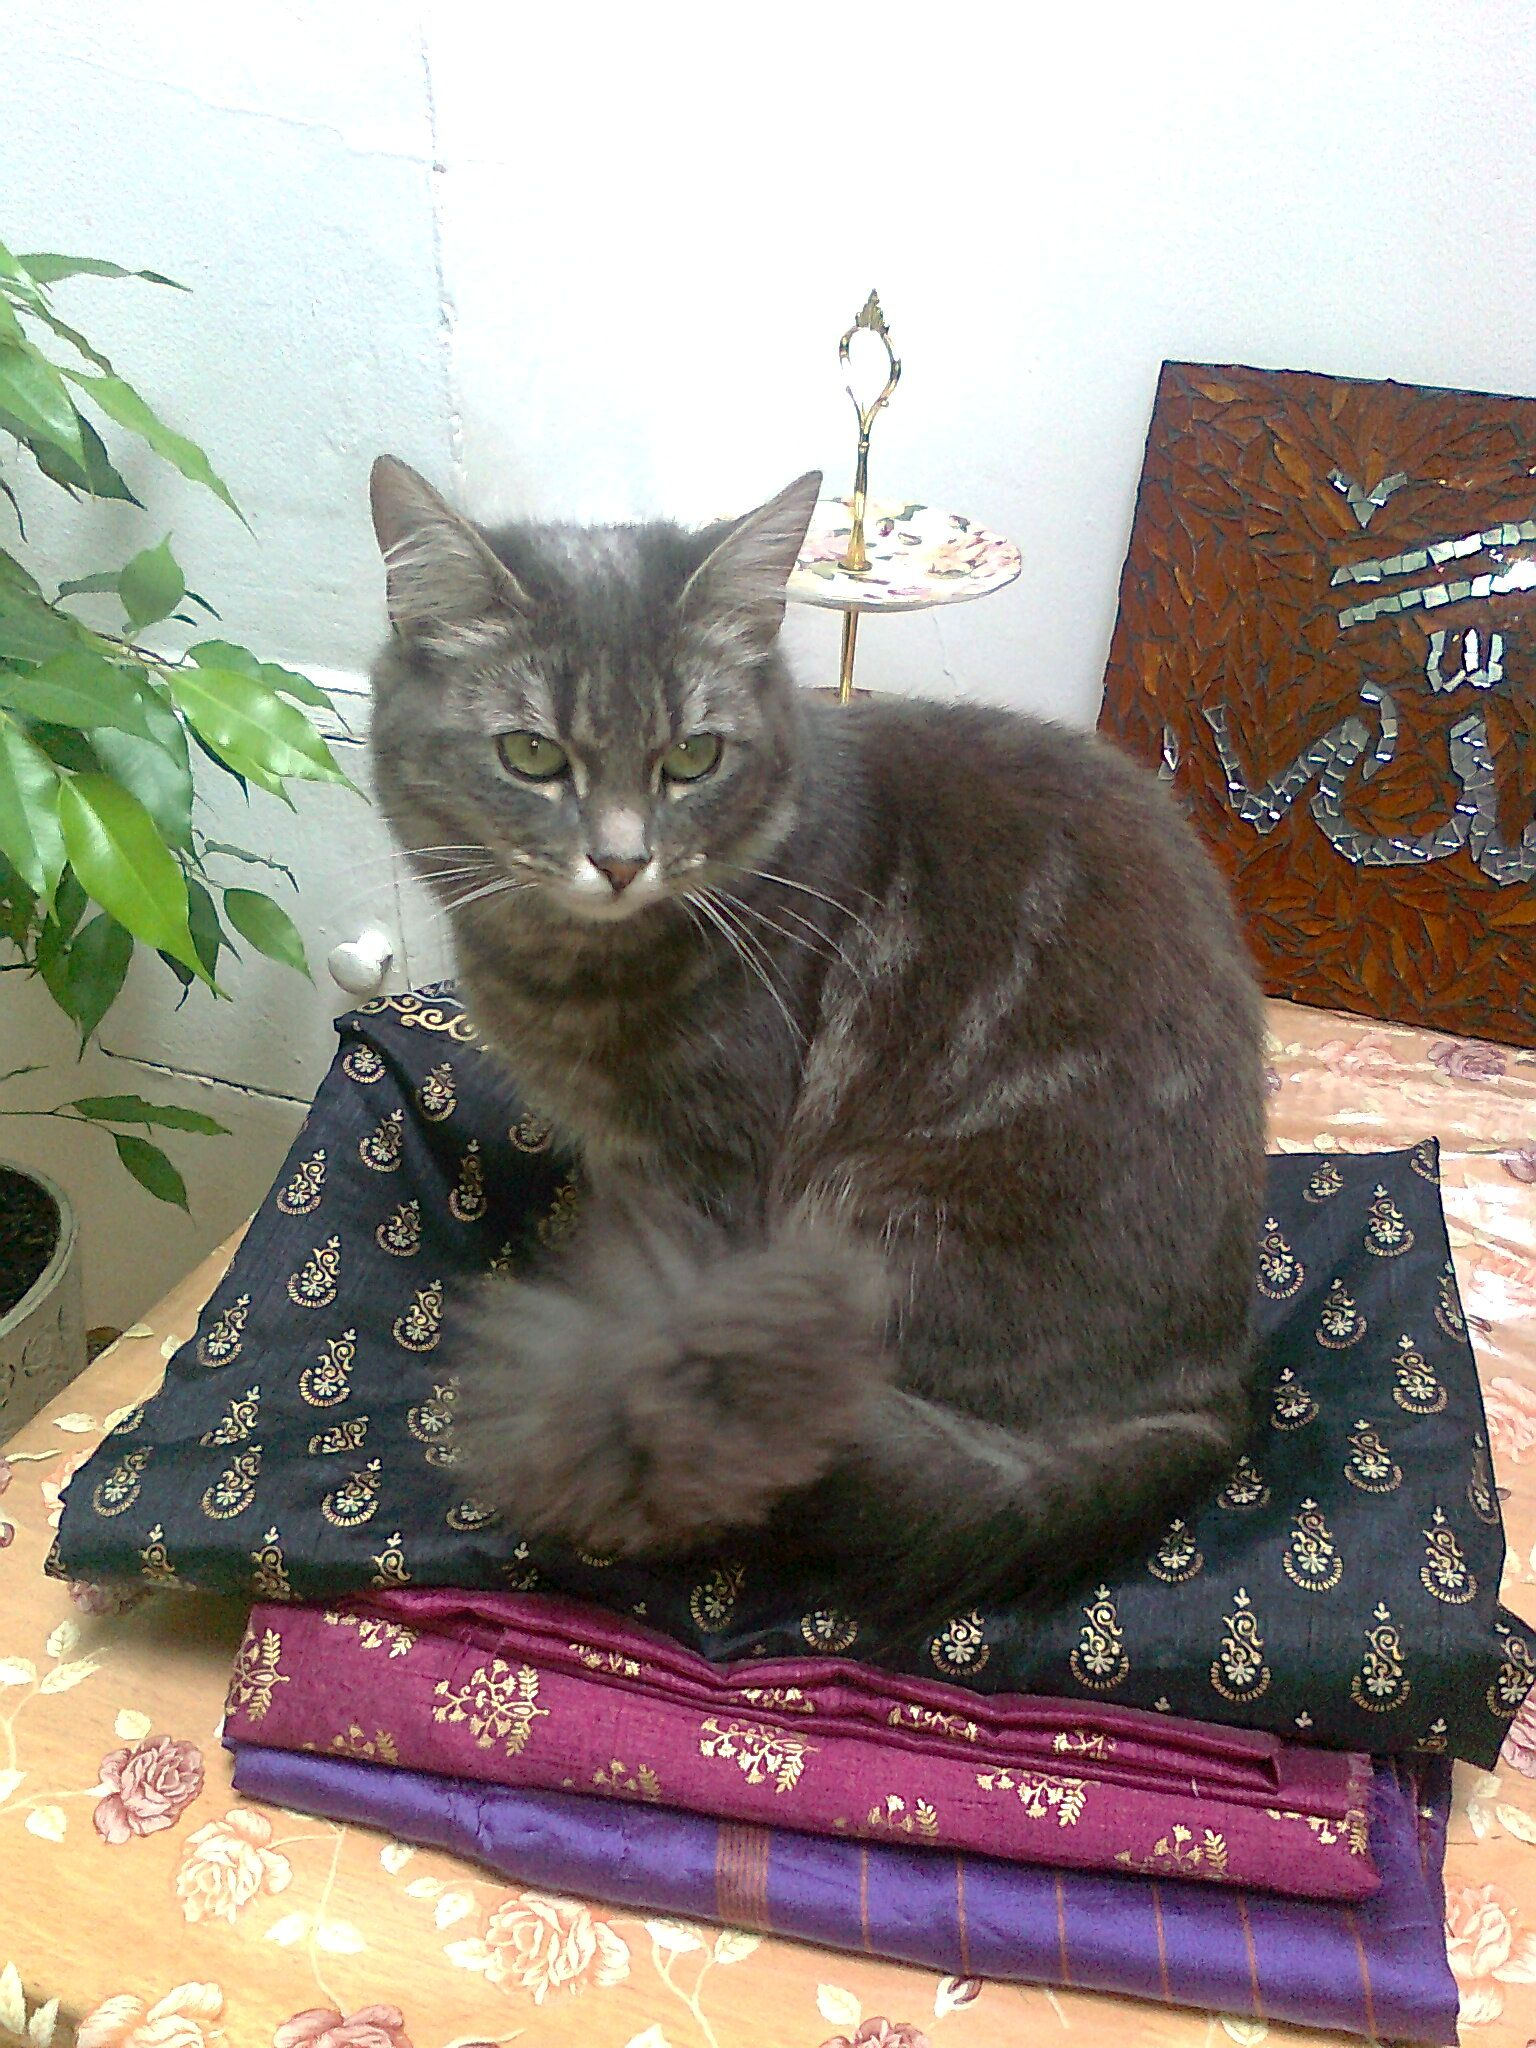 Minousa Miauw